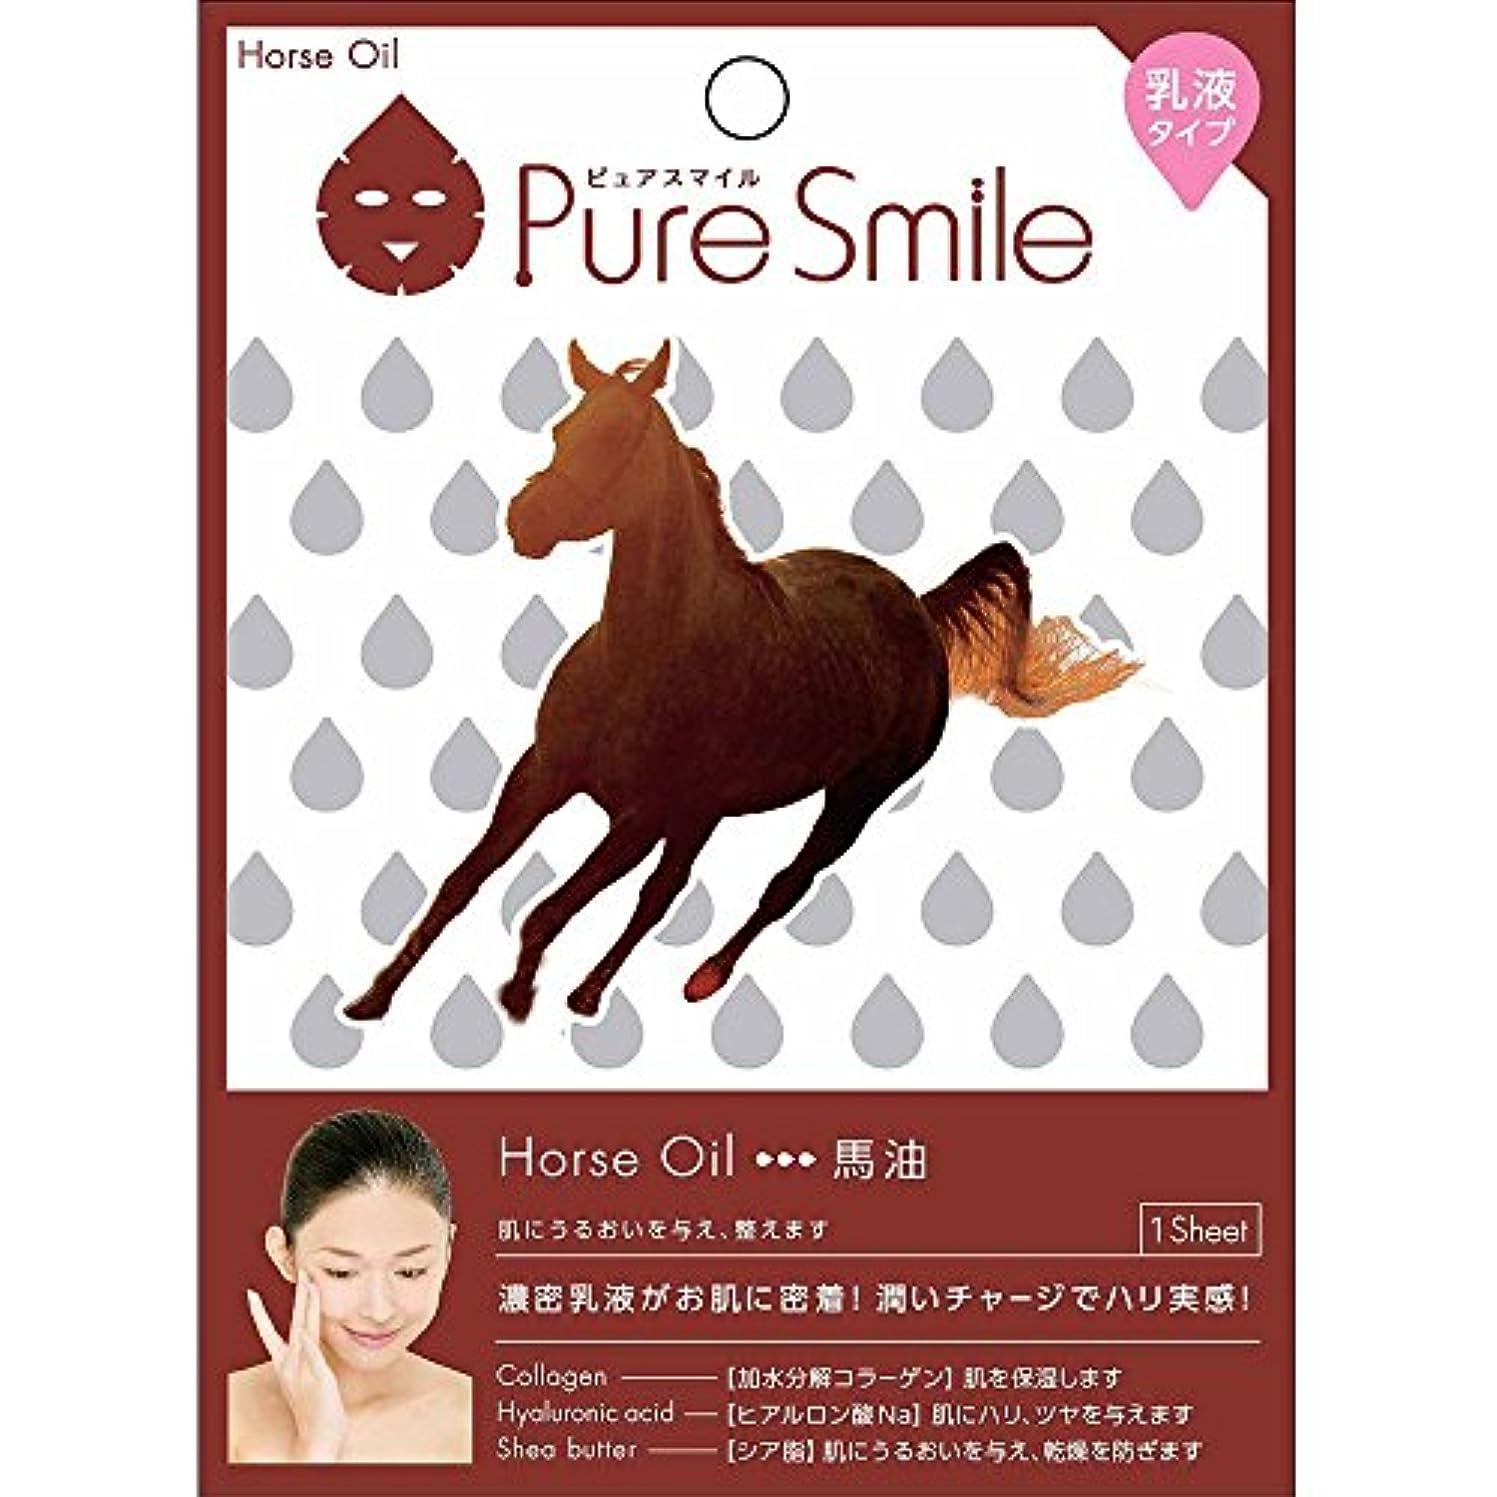 目の前の意味十分ではないPure Smile/ピュアスマイル 乳液 エッセンス/フェイスマスク 『Horse oil/馬油』